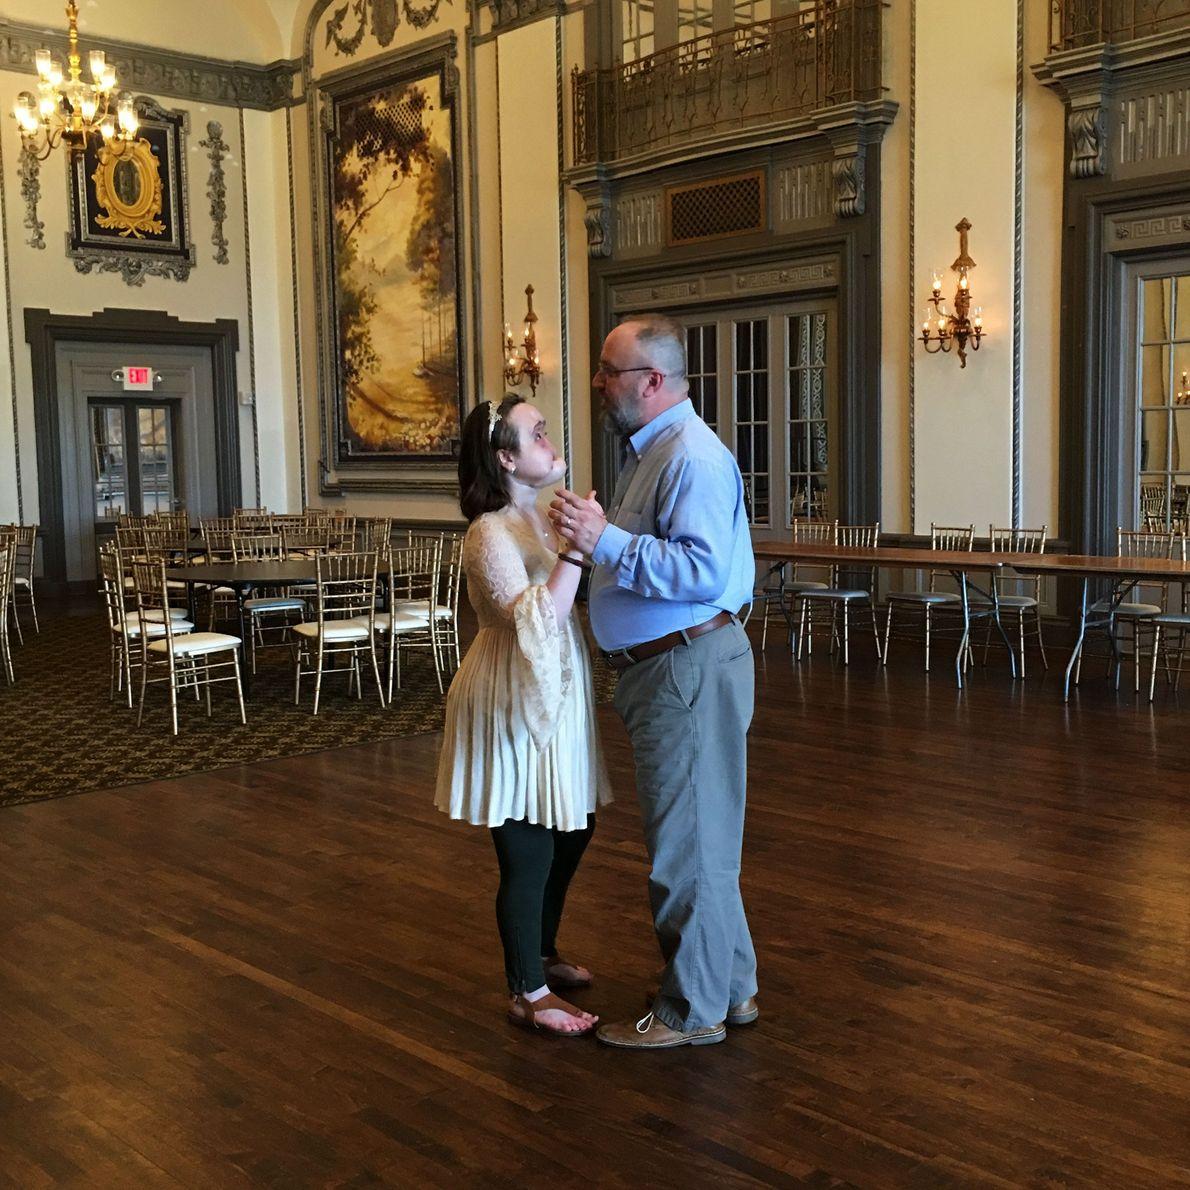 """En el hotel Tudor Arms en Cleveland, Katie y su padre cantan """"Have I Told You ..."""